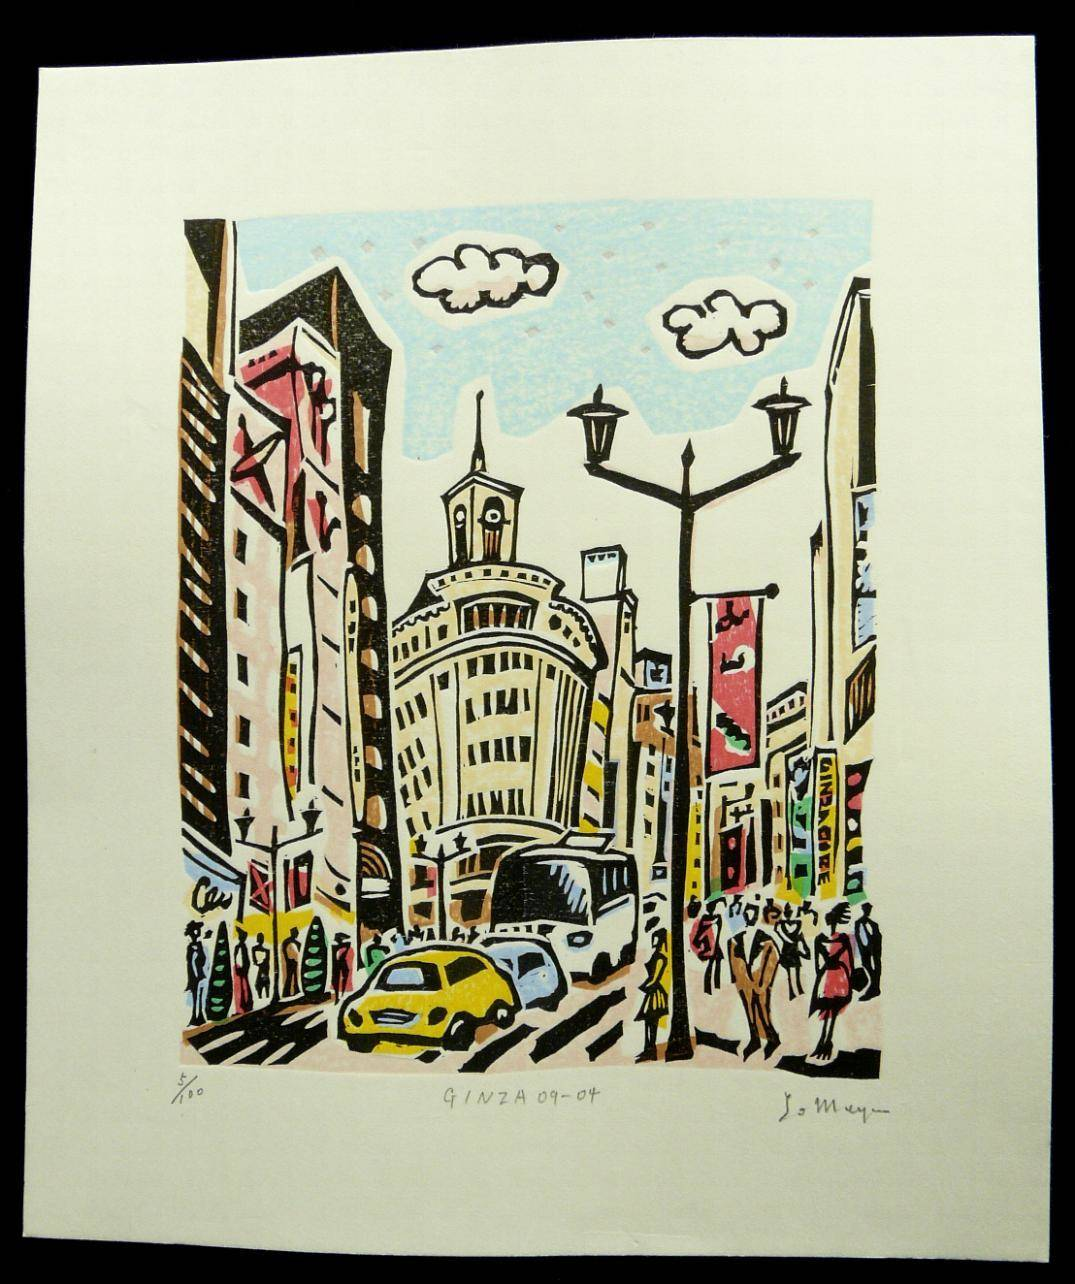 HISAO SOMEYA: #P2505 GINZA 09-04